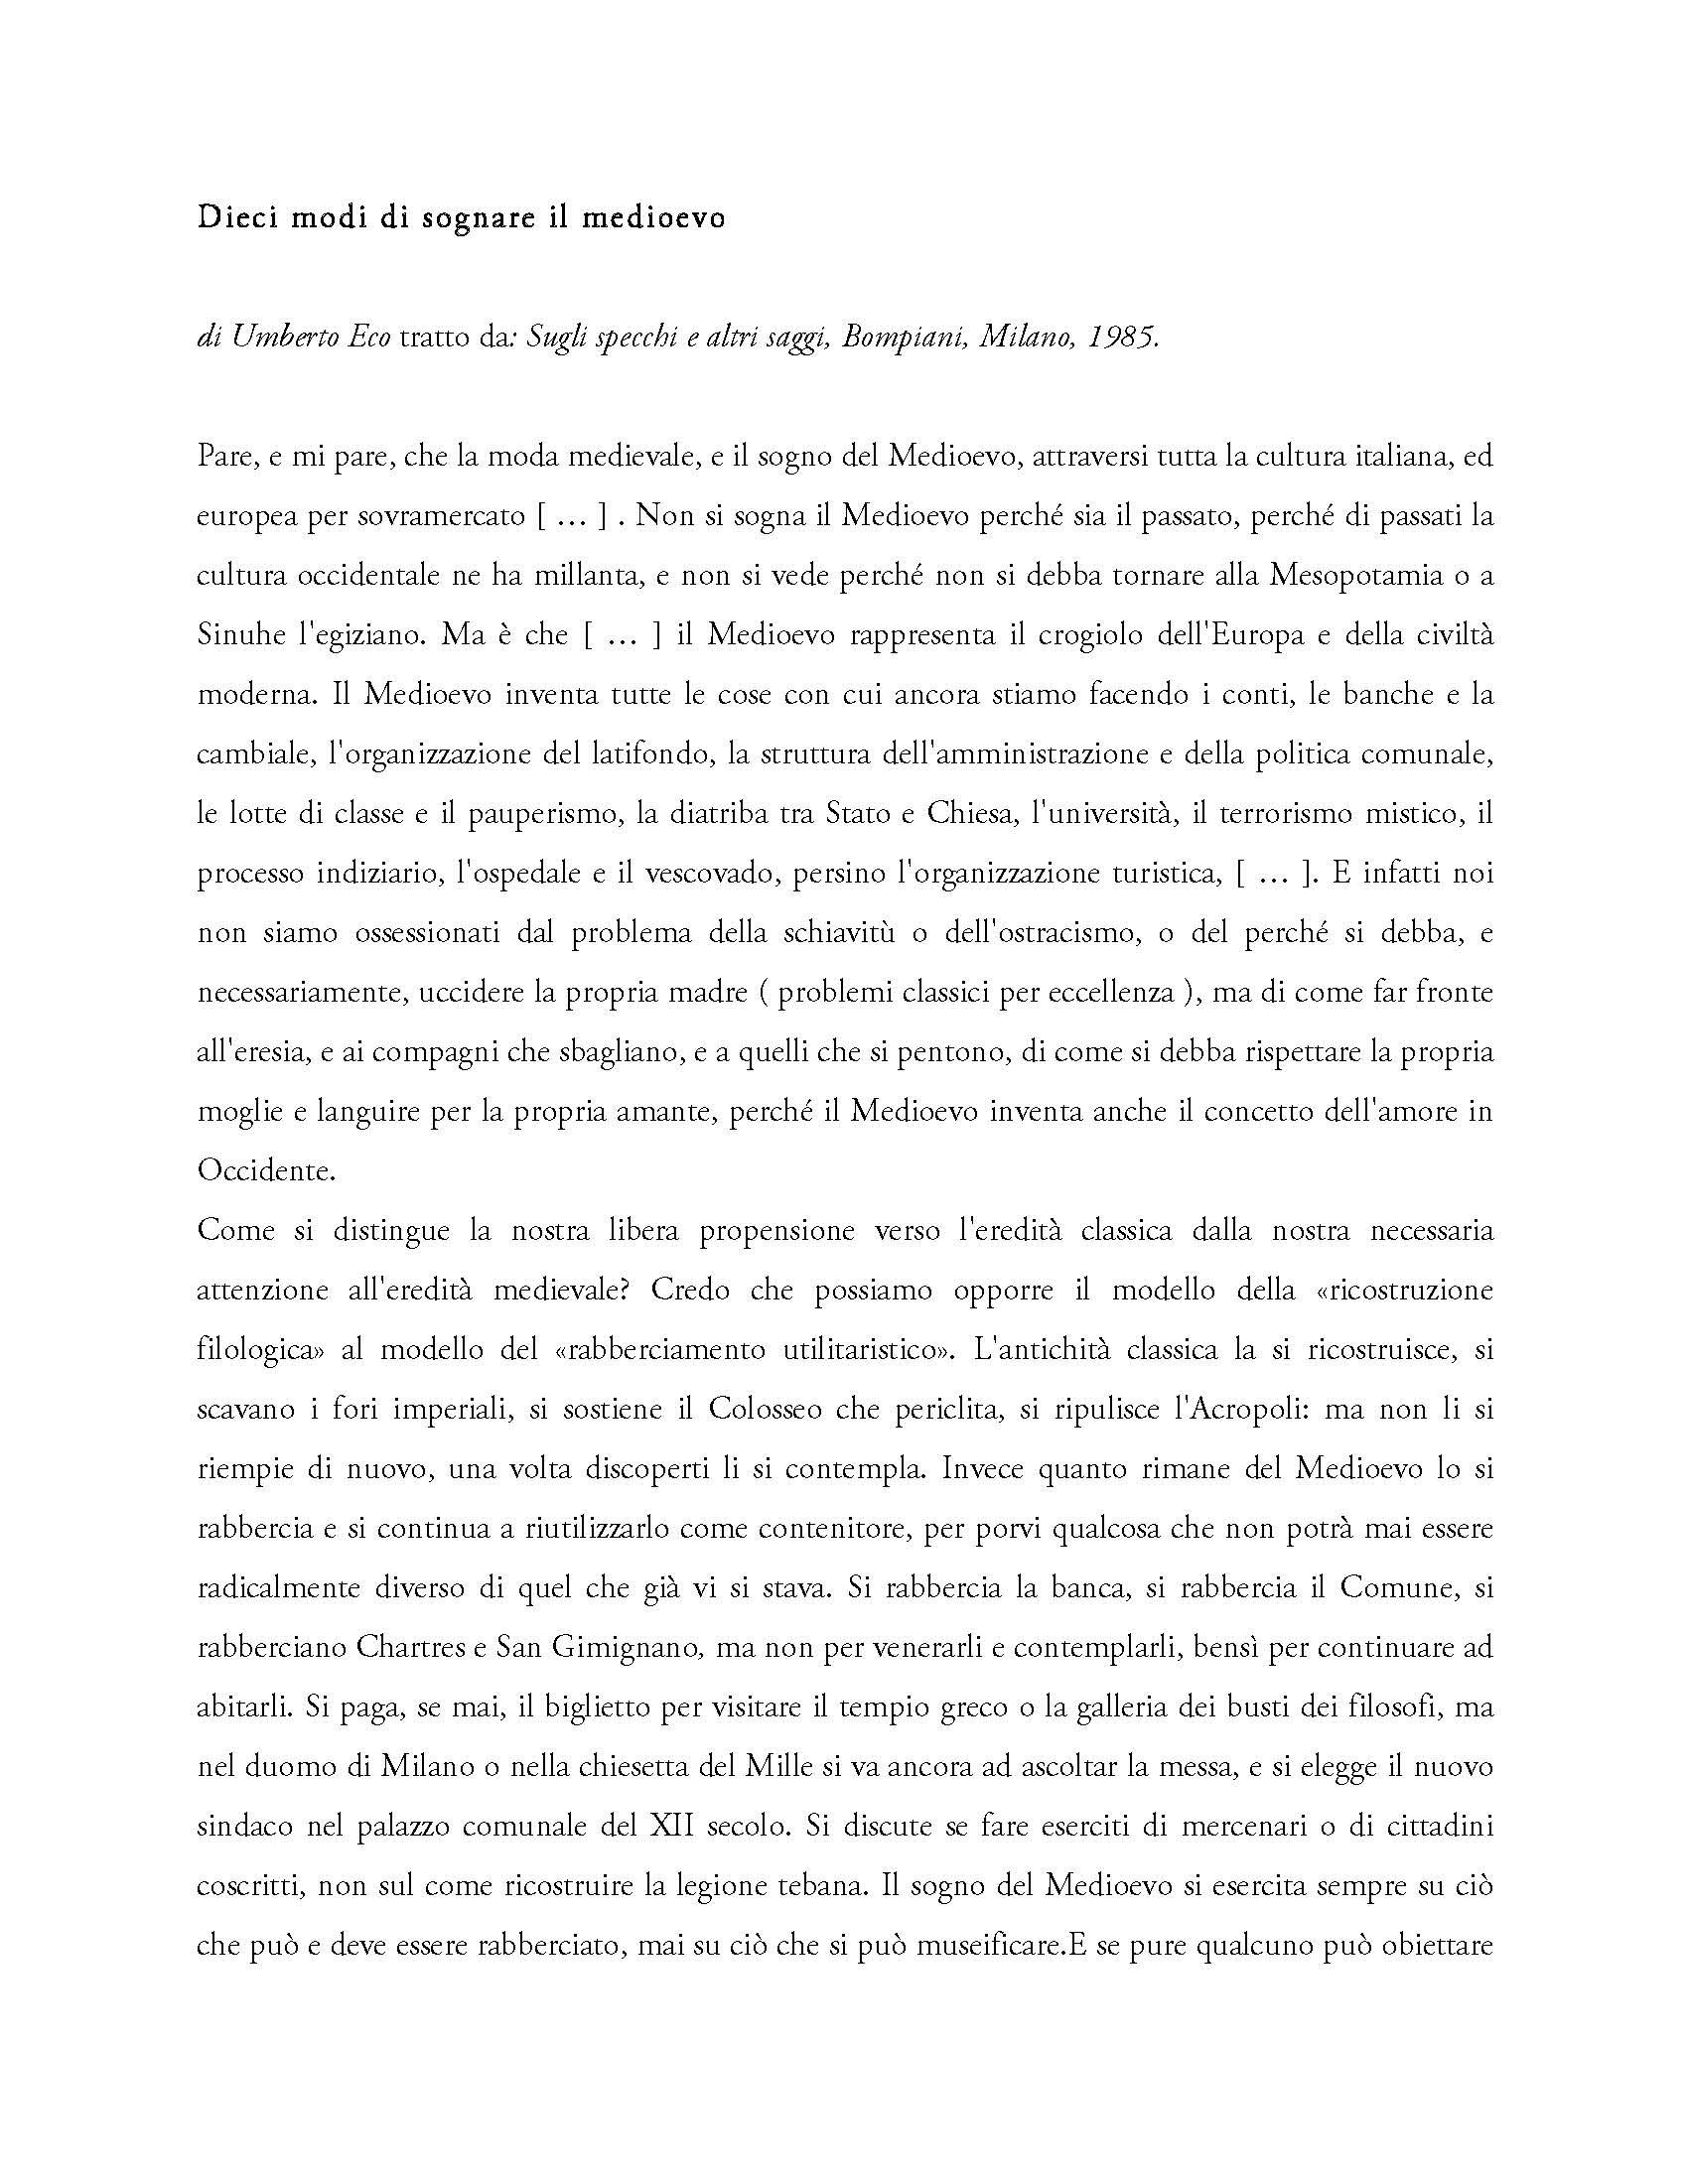 ECO__Dieci_modi_di_sognare_il_medioevo_Pagina_1